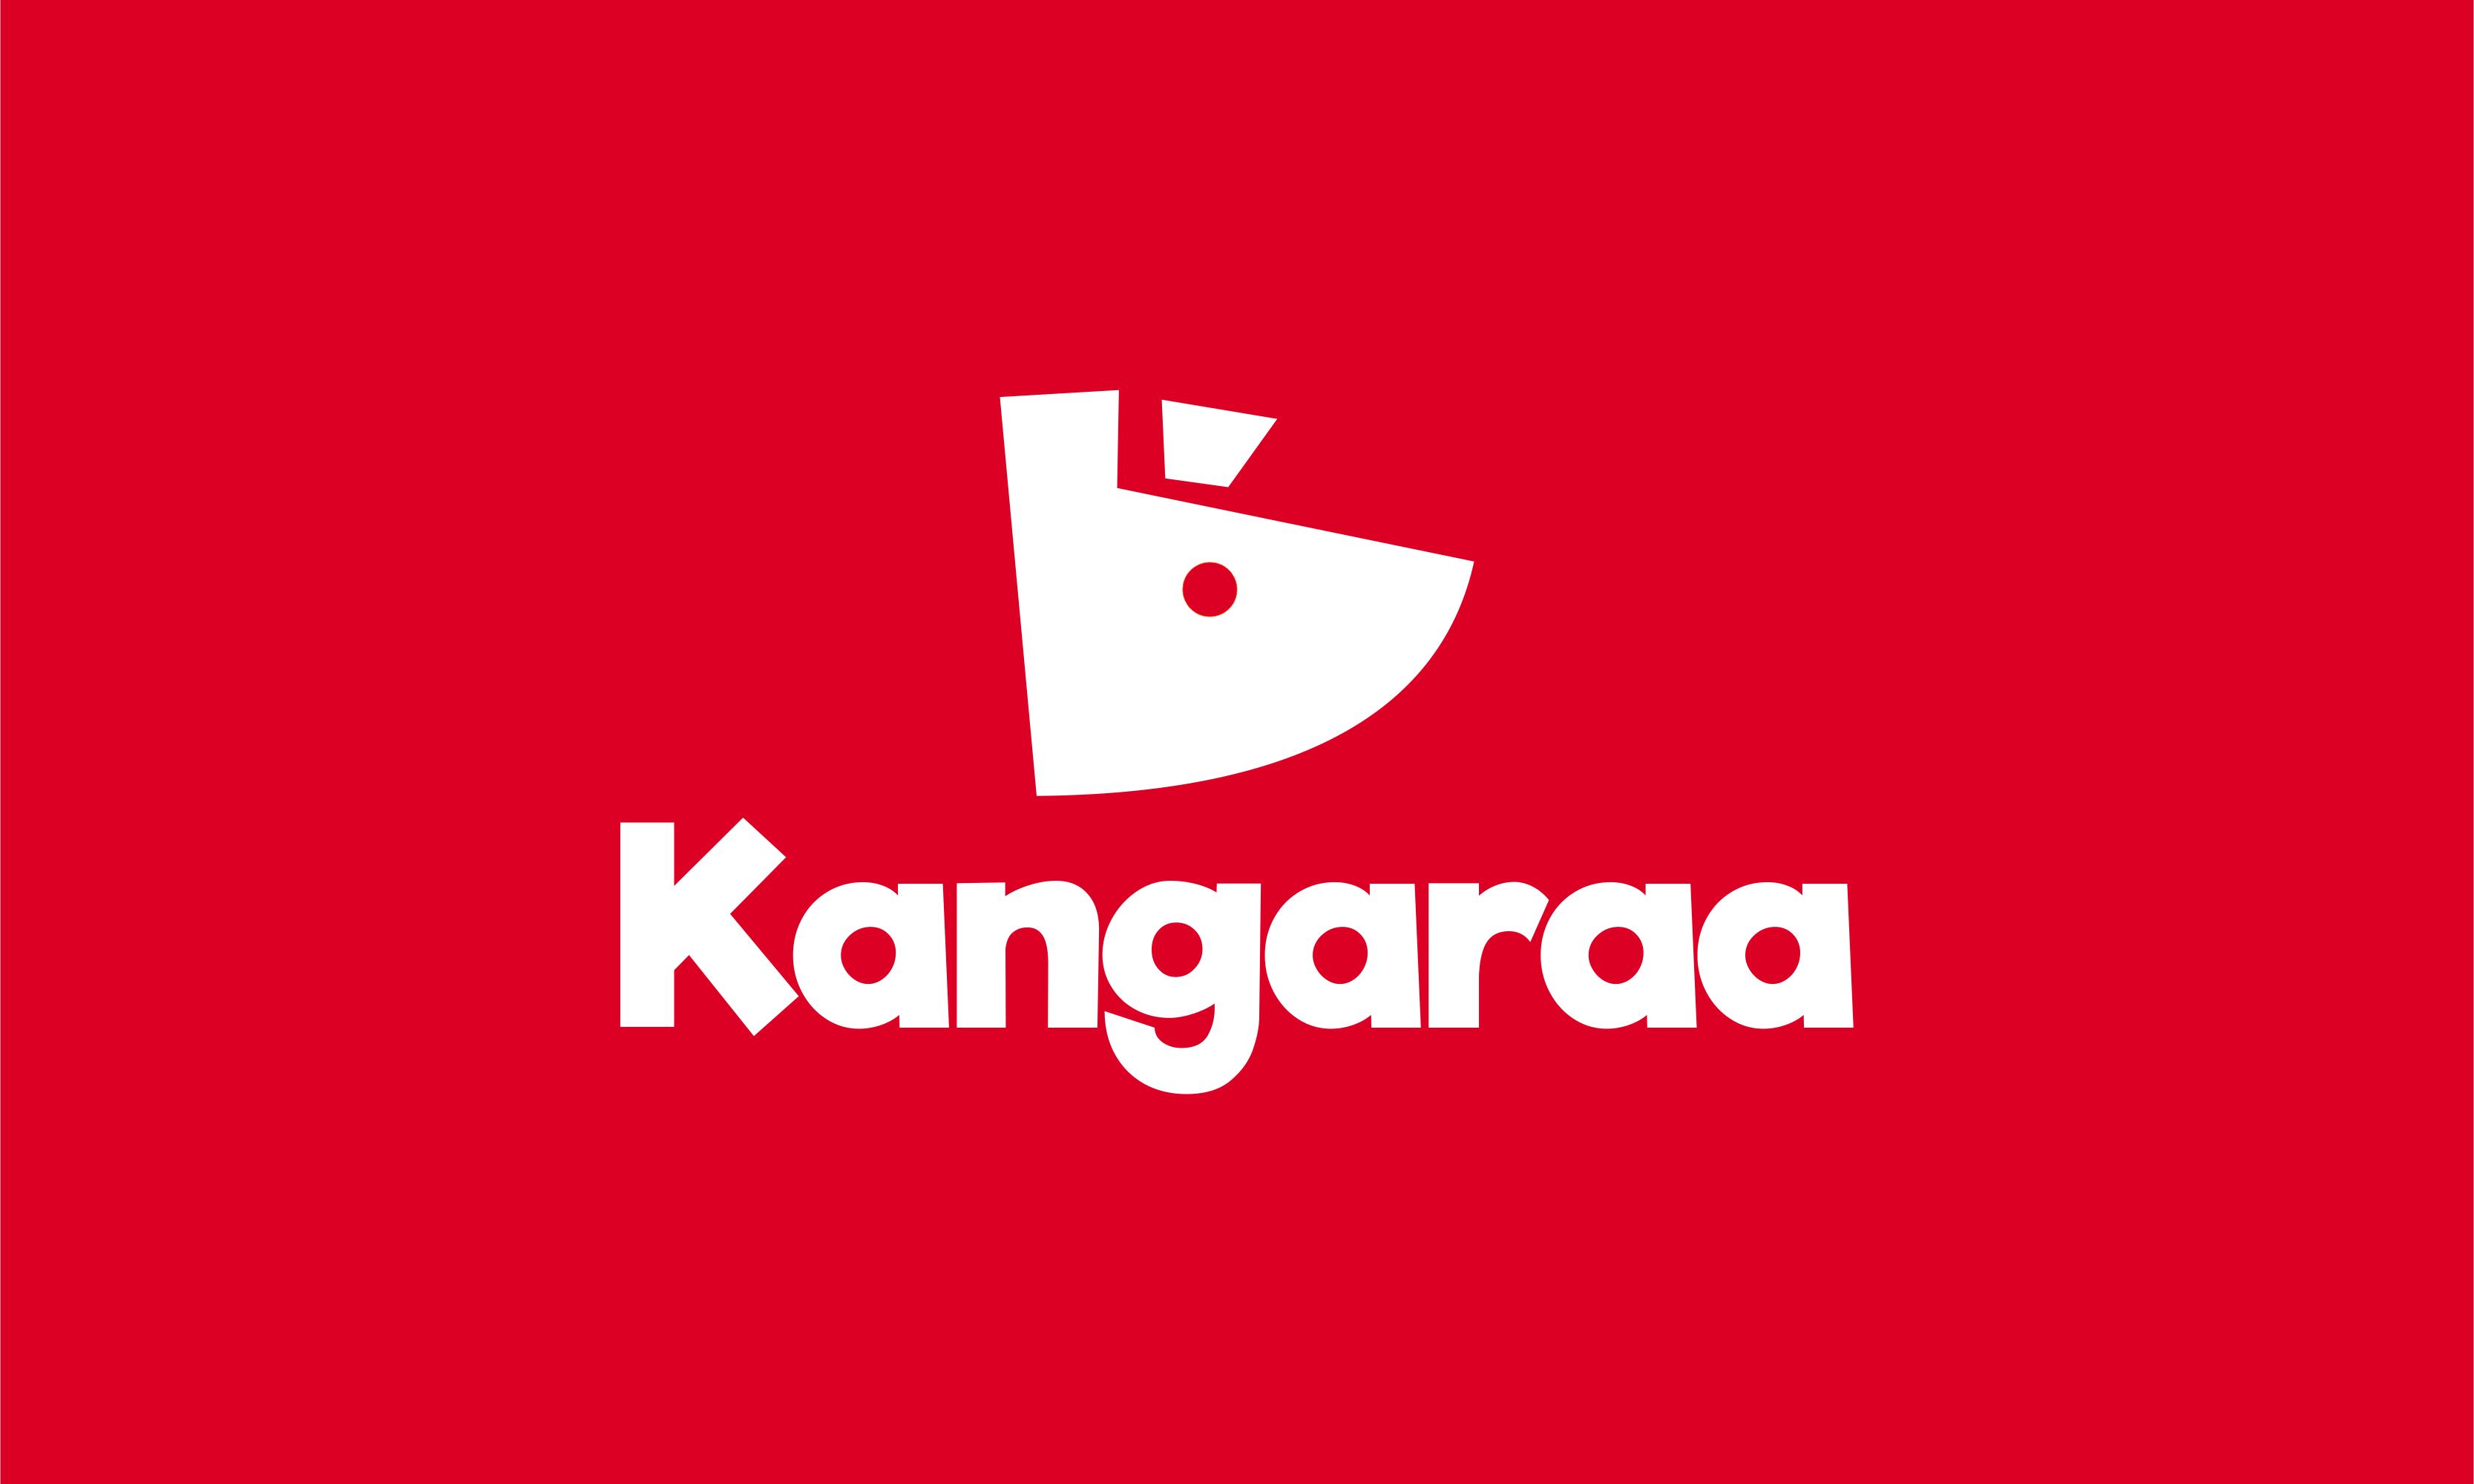 Kangaraa